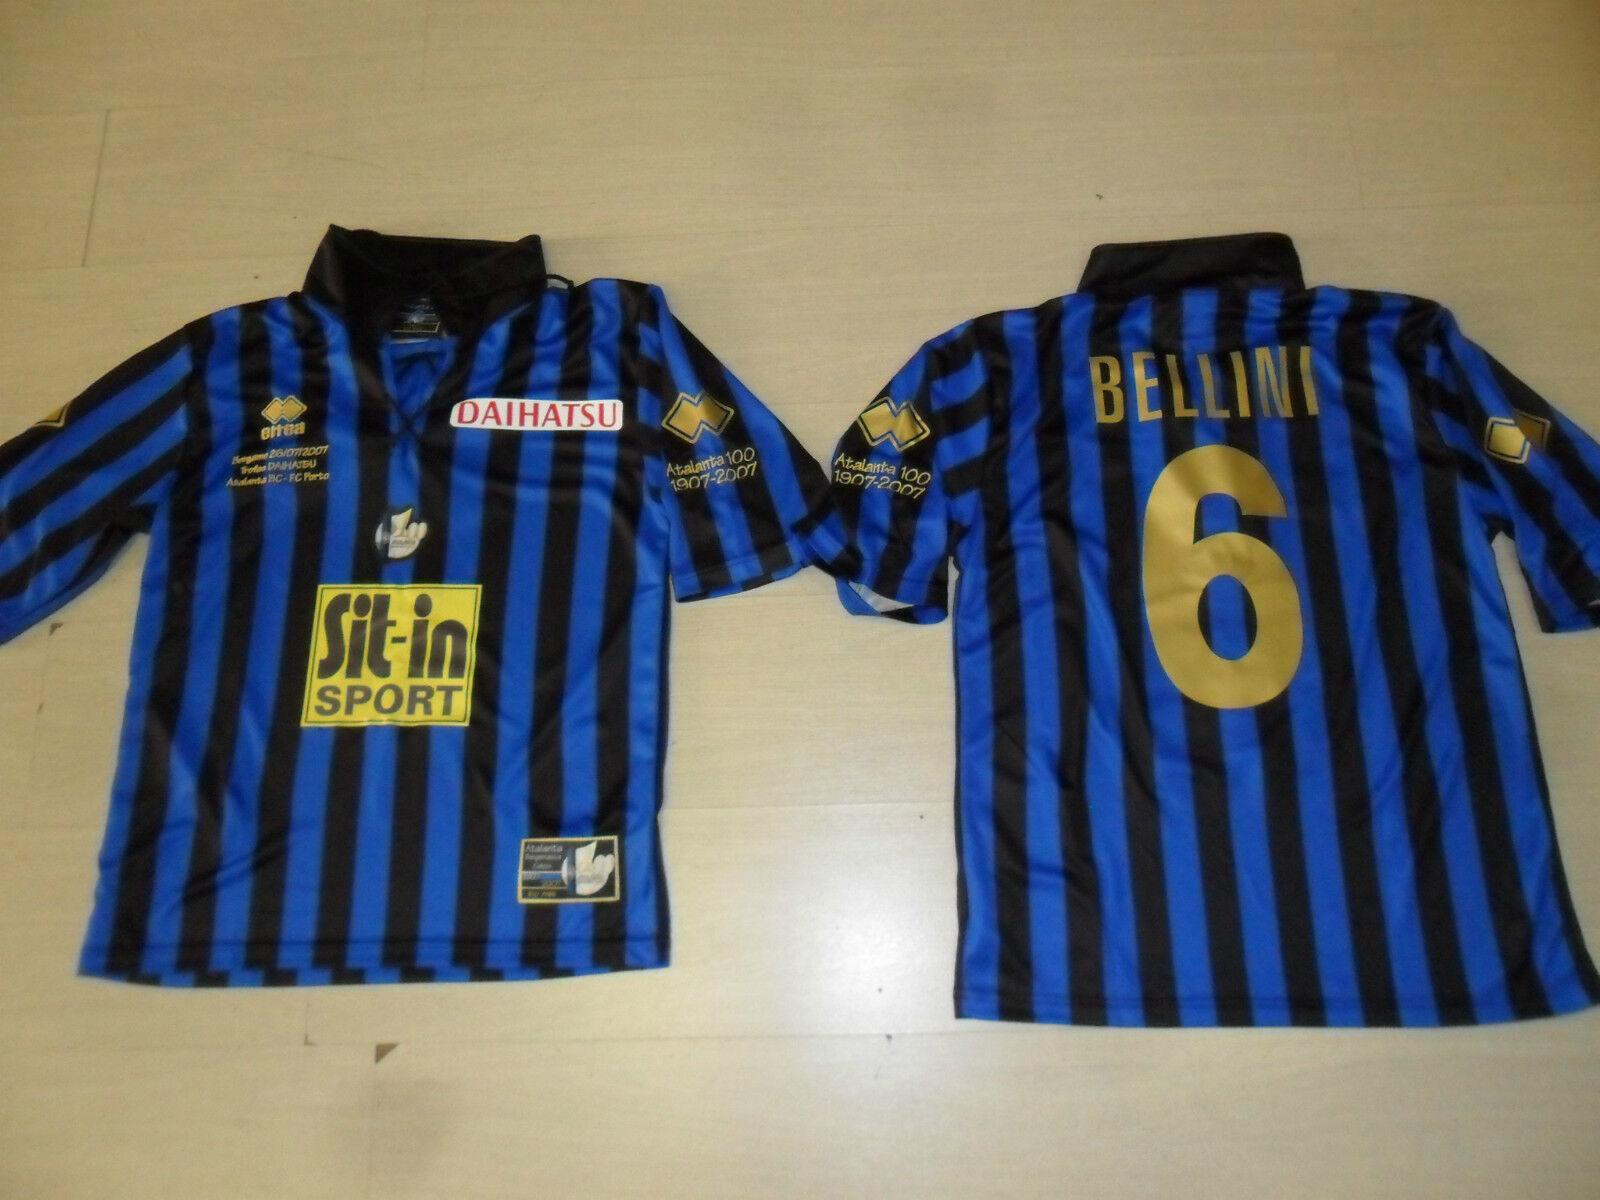 0901  L ATALANTA BELLINI CENTENARIO DAIHATSU CUP MAGLIA MAGLIETTA SHIRT JERSEY